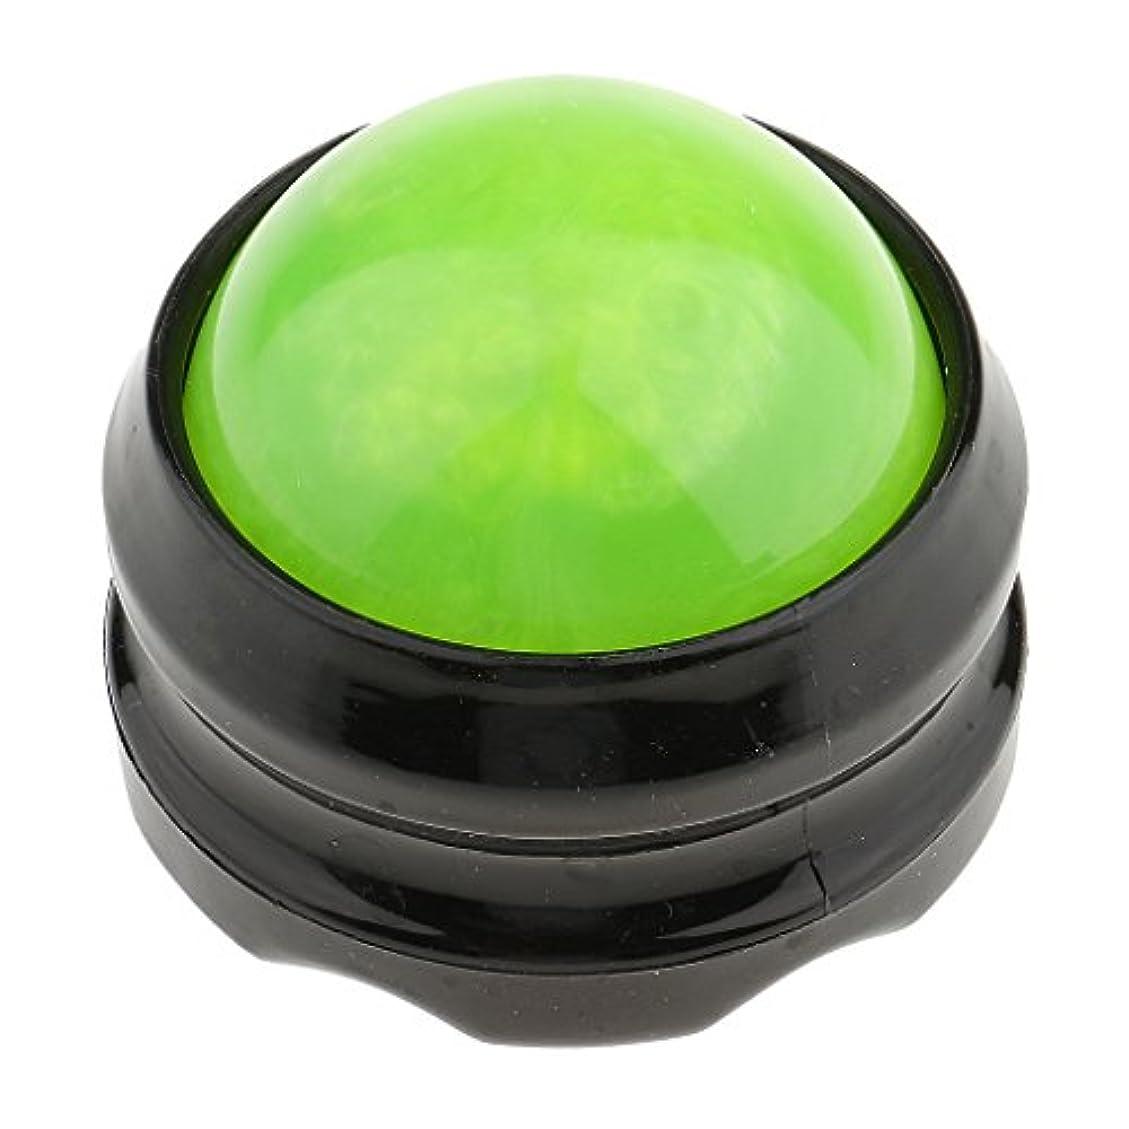 ウェイド文明ミッションKesoto マッサージ ローラーボール ボディ バック ネック フット セルフマッサージ ツール 自宅 オフィス 旅行 全4色 - グリーンブラック